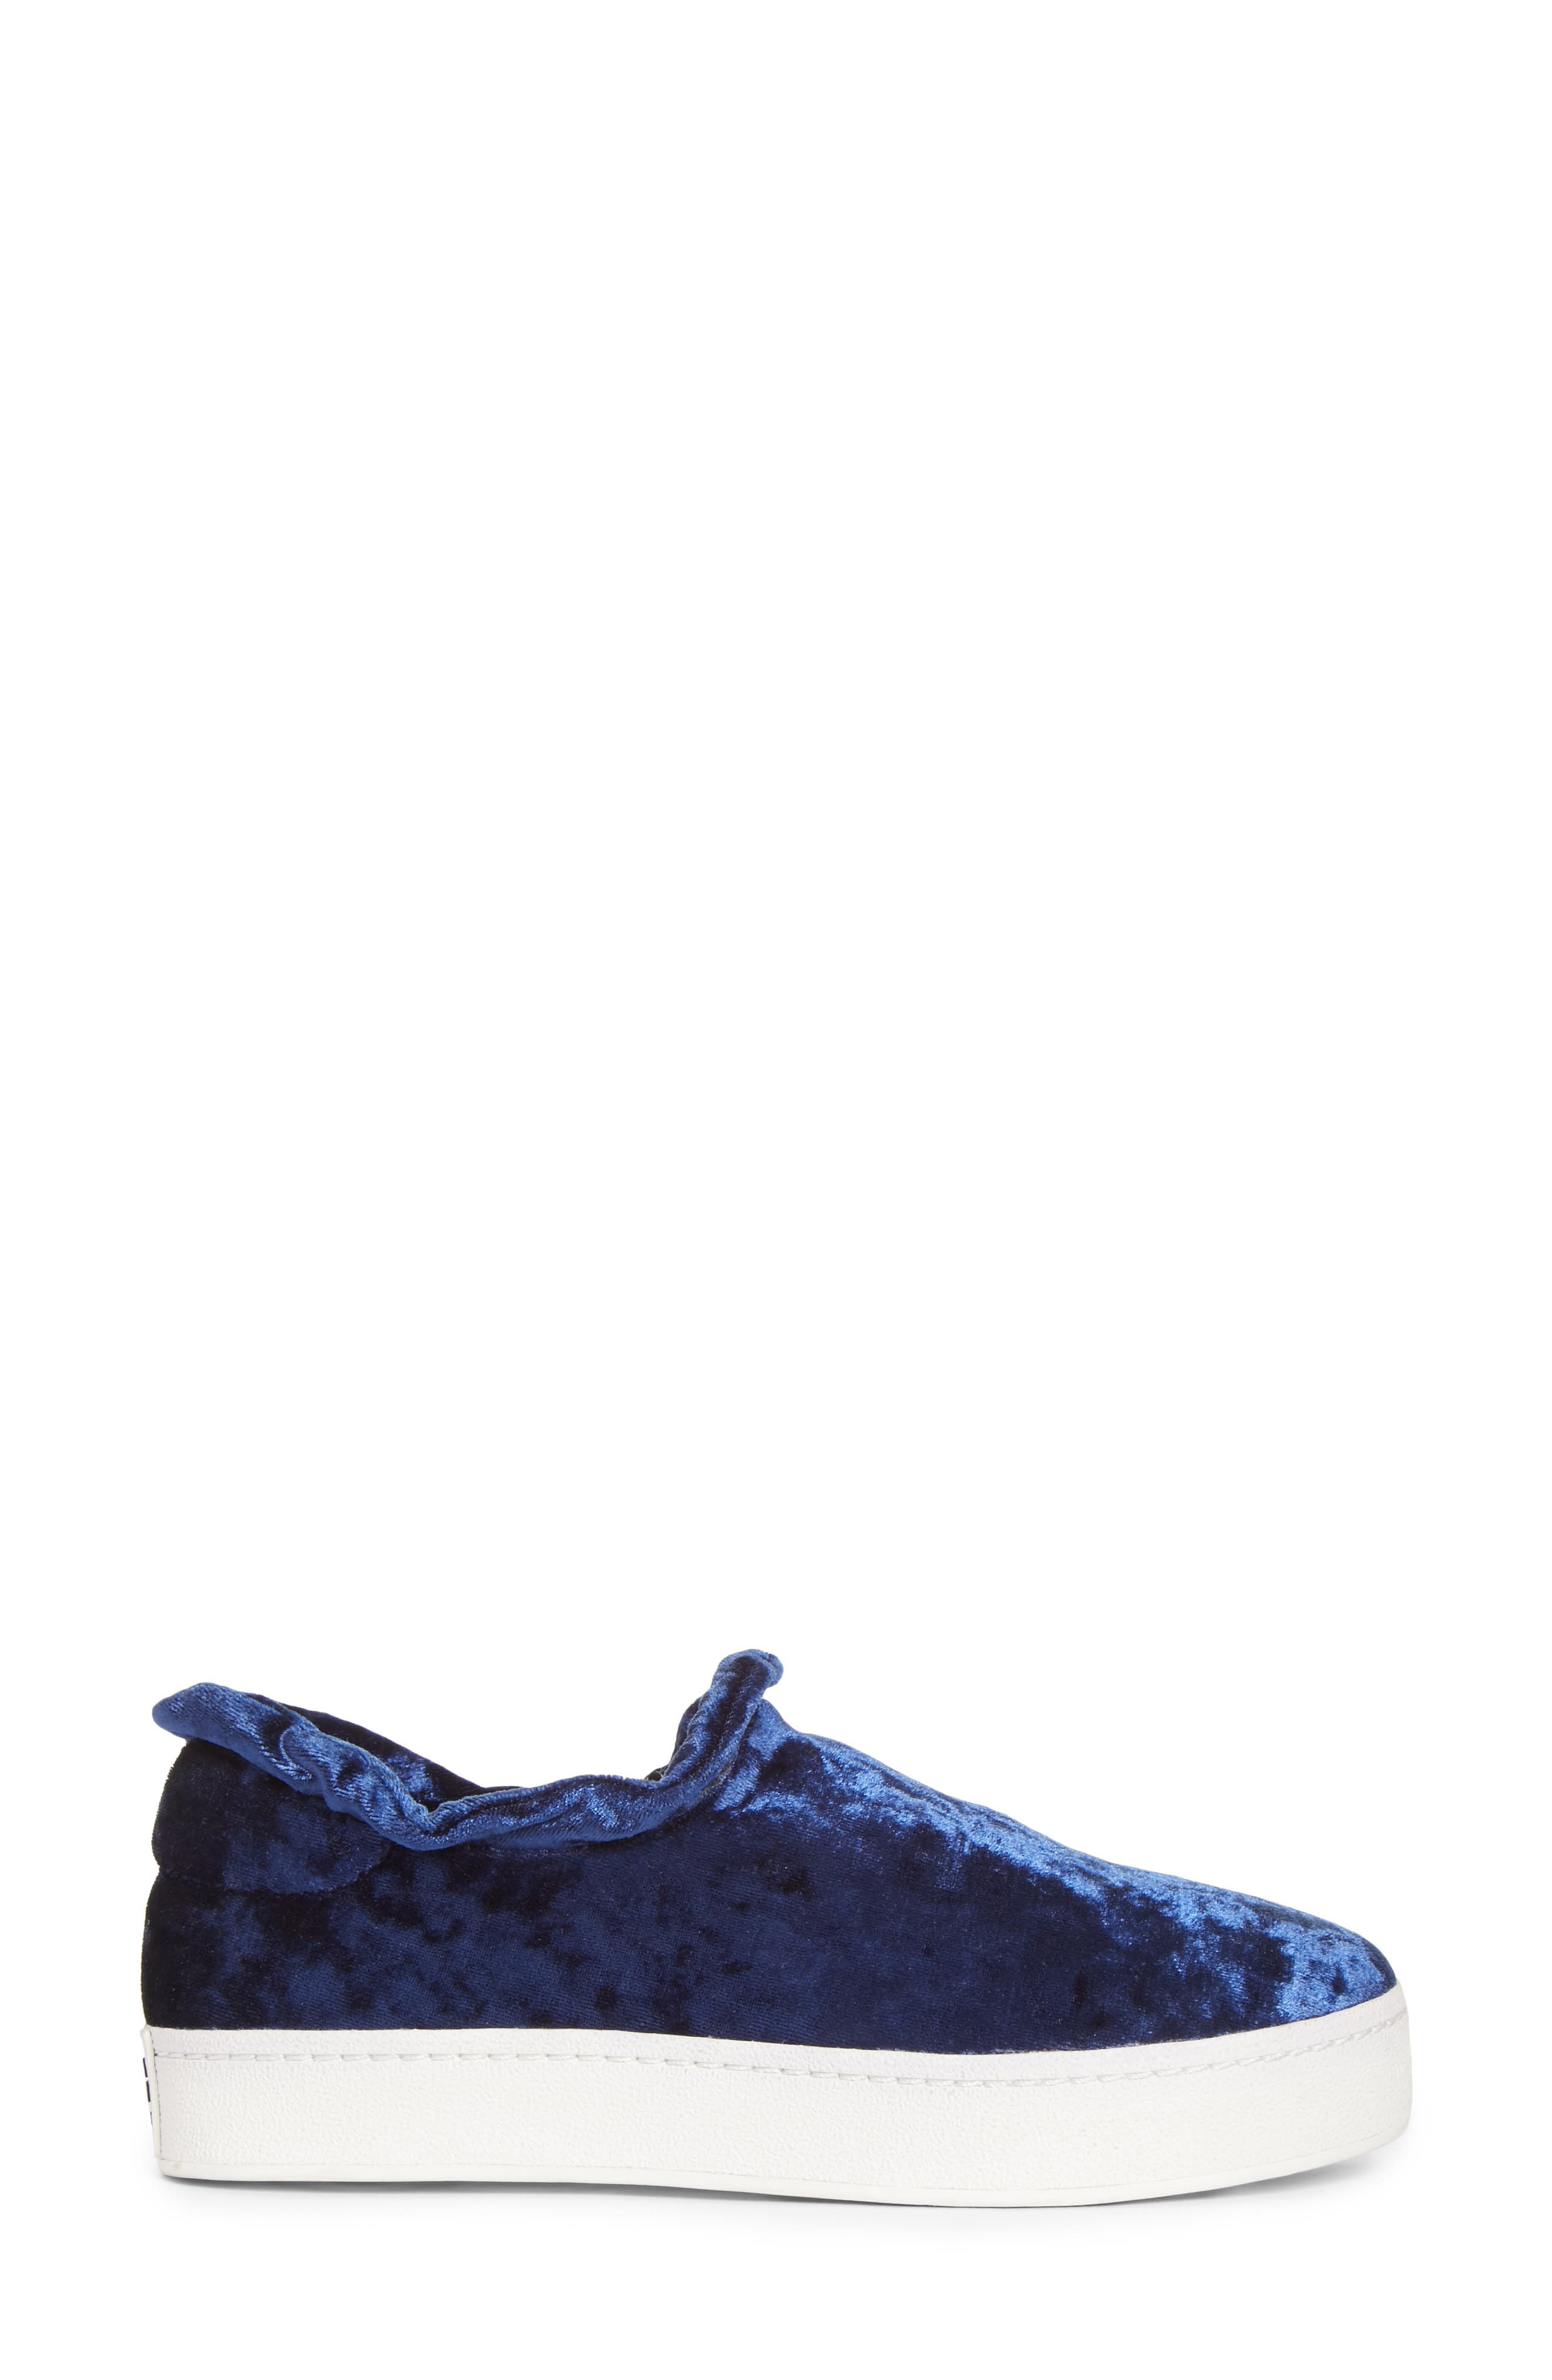 Cici Velvet Ruffle Slip-On Sneaker,                             Alternate thumbnail 3, color,                             Eclipse